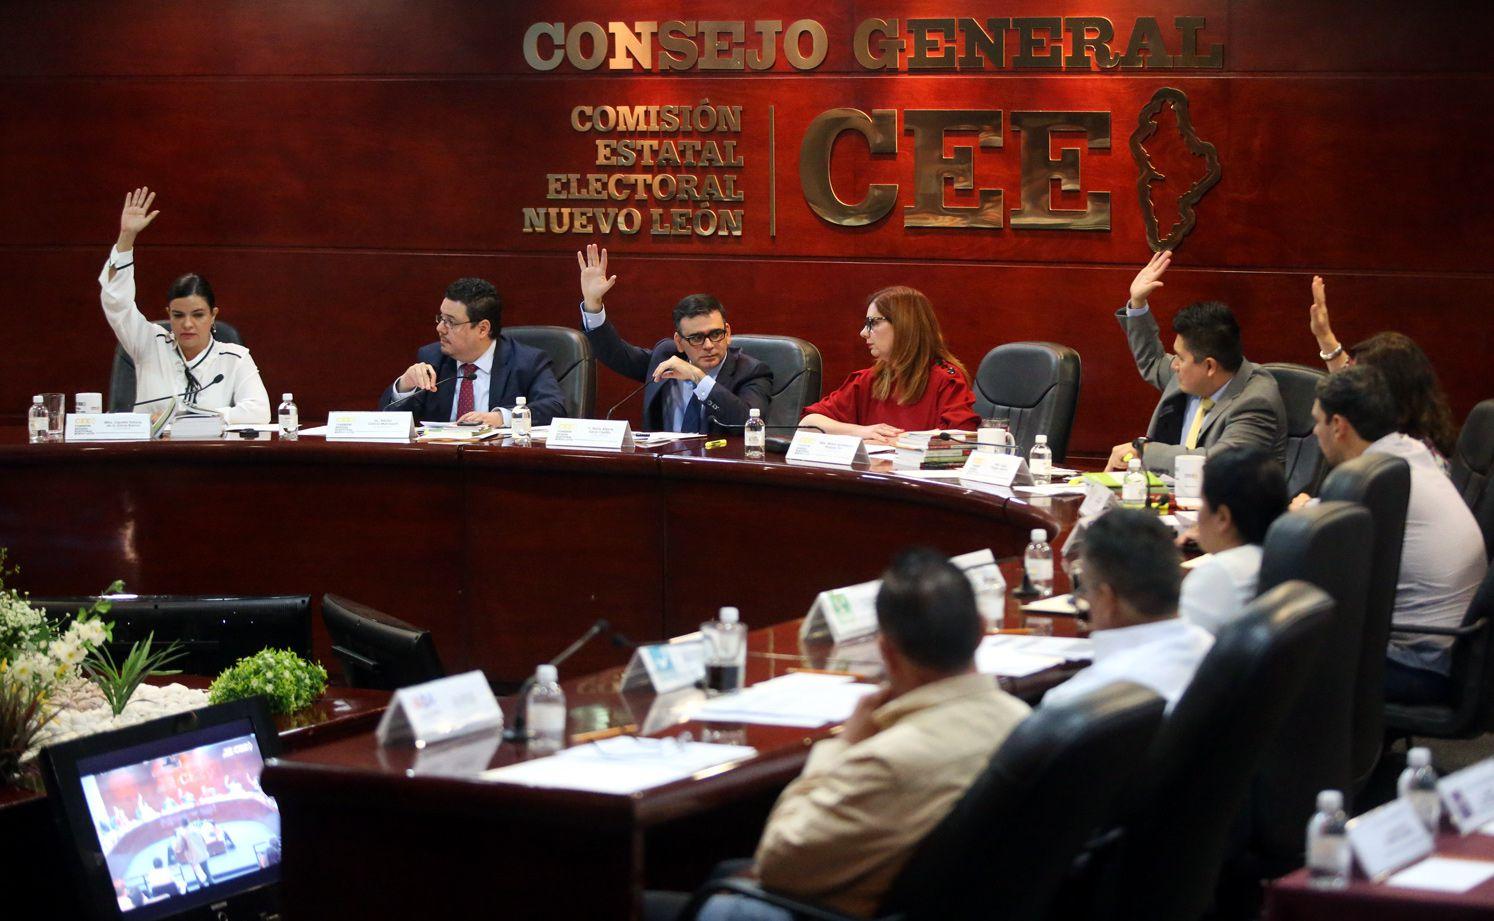 La comisión Estatal Electoral de Nuevo León aprobó incluir apodos en las boletas electorales. AGENCIA REFORMA